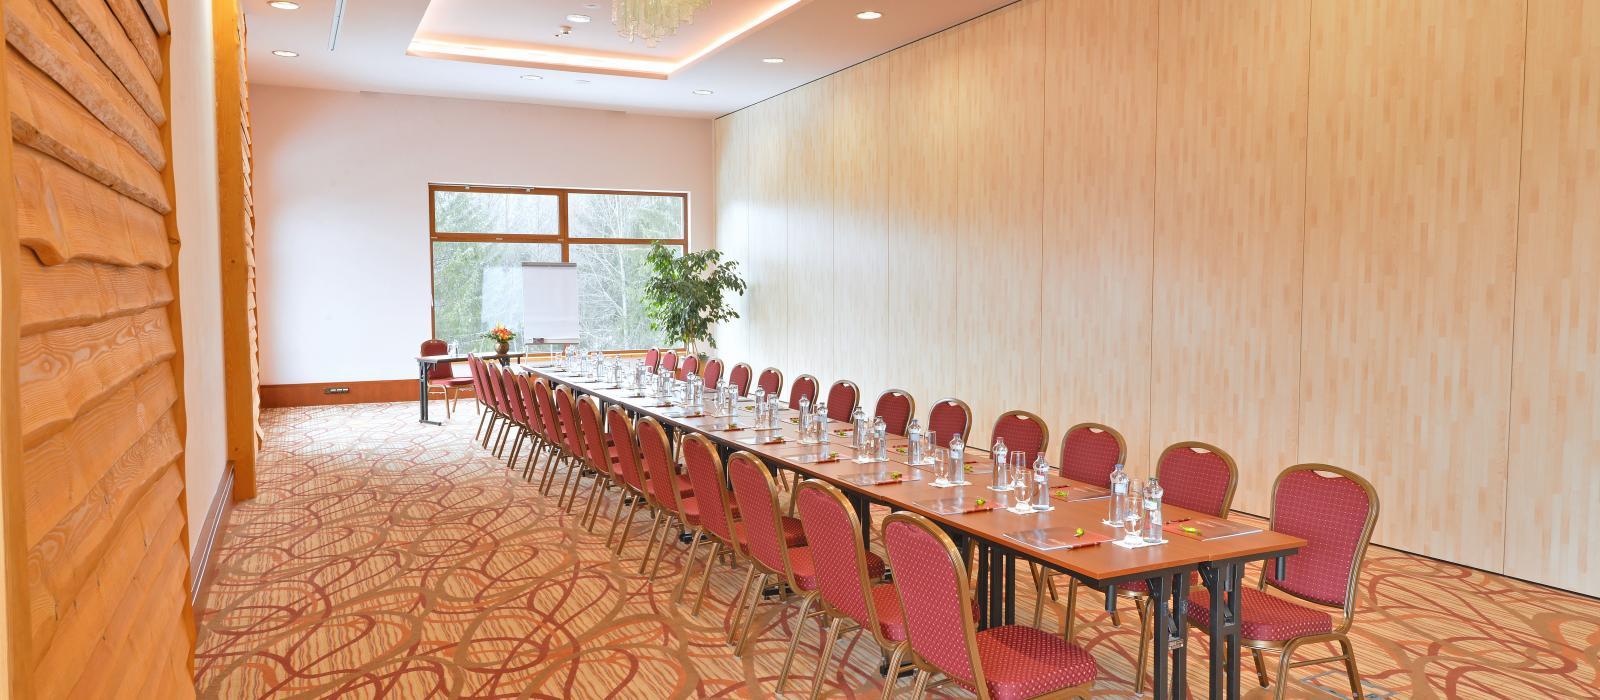 Hotel Partizán – konferenčné priestory